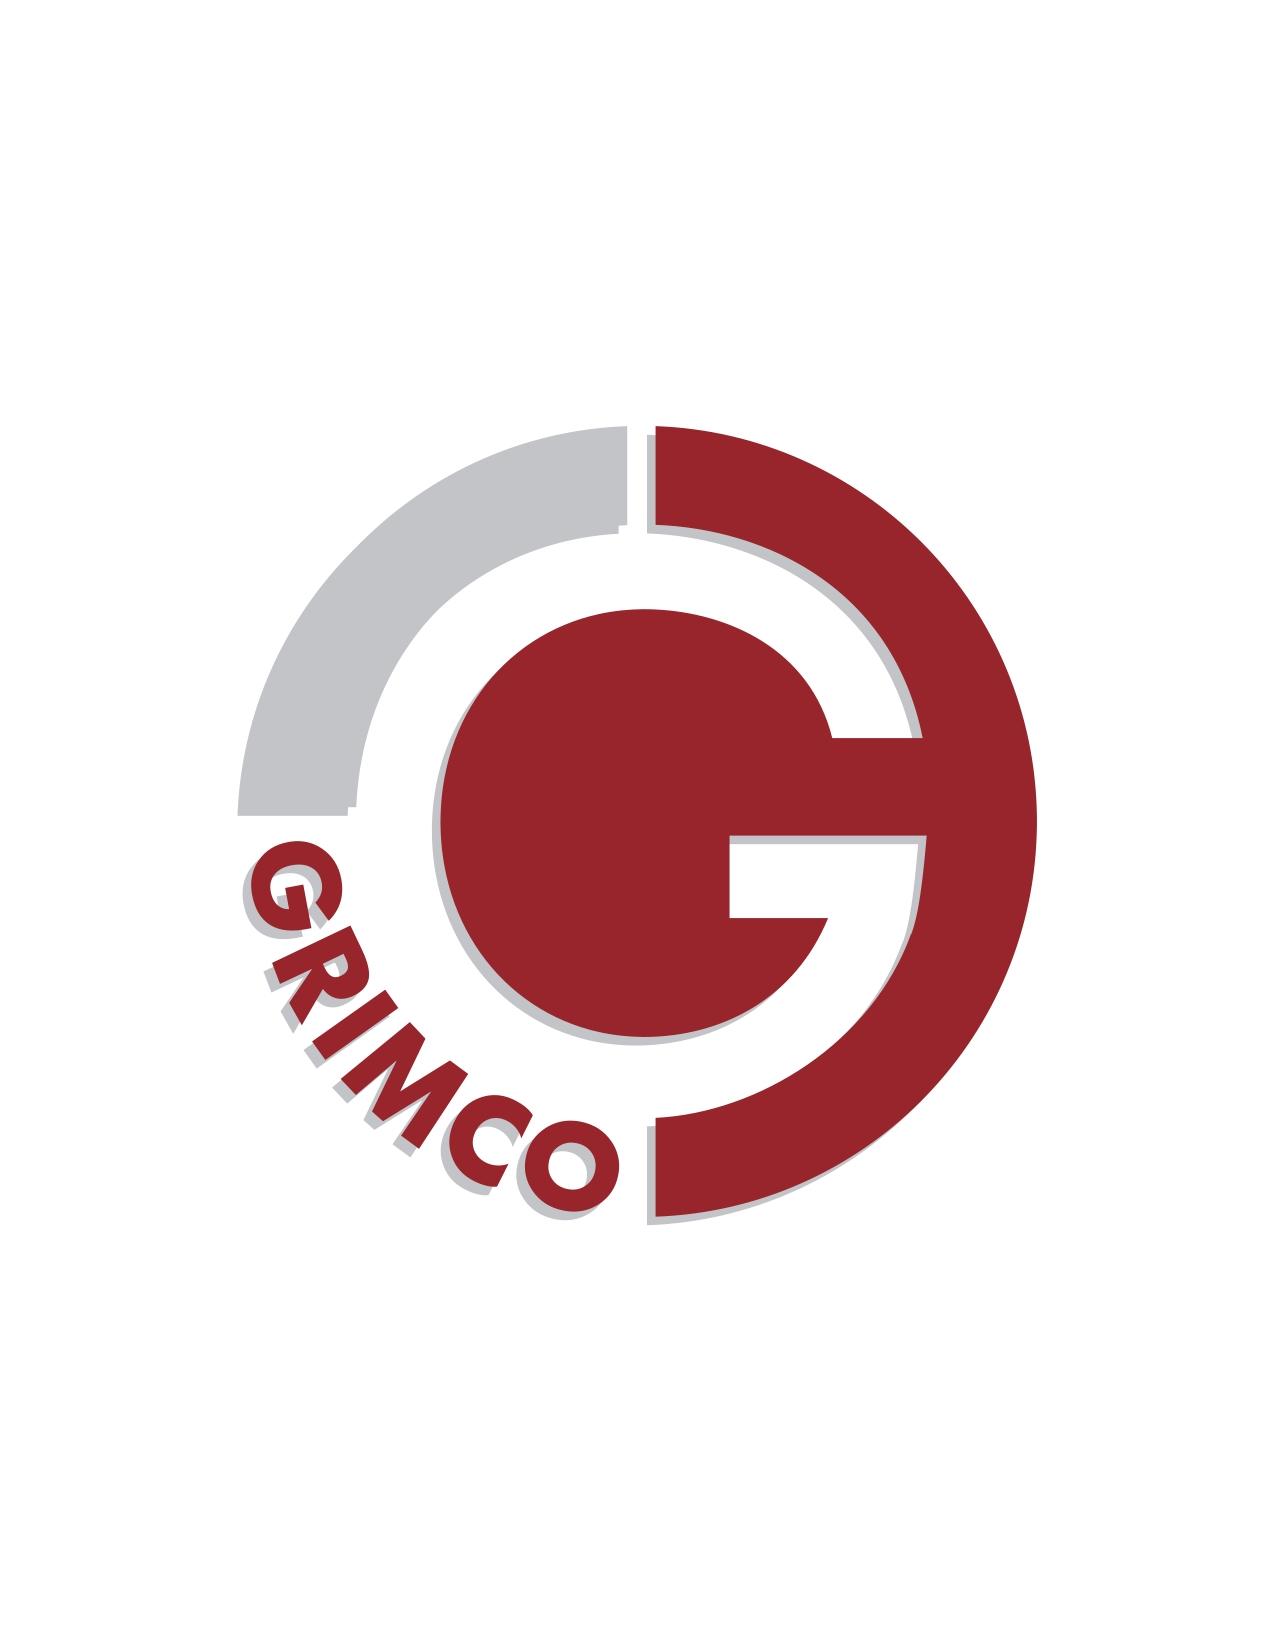 2015_Grimco_Logo_201901091804